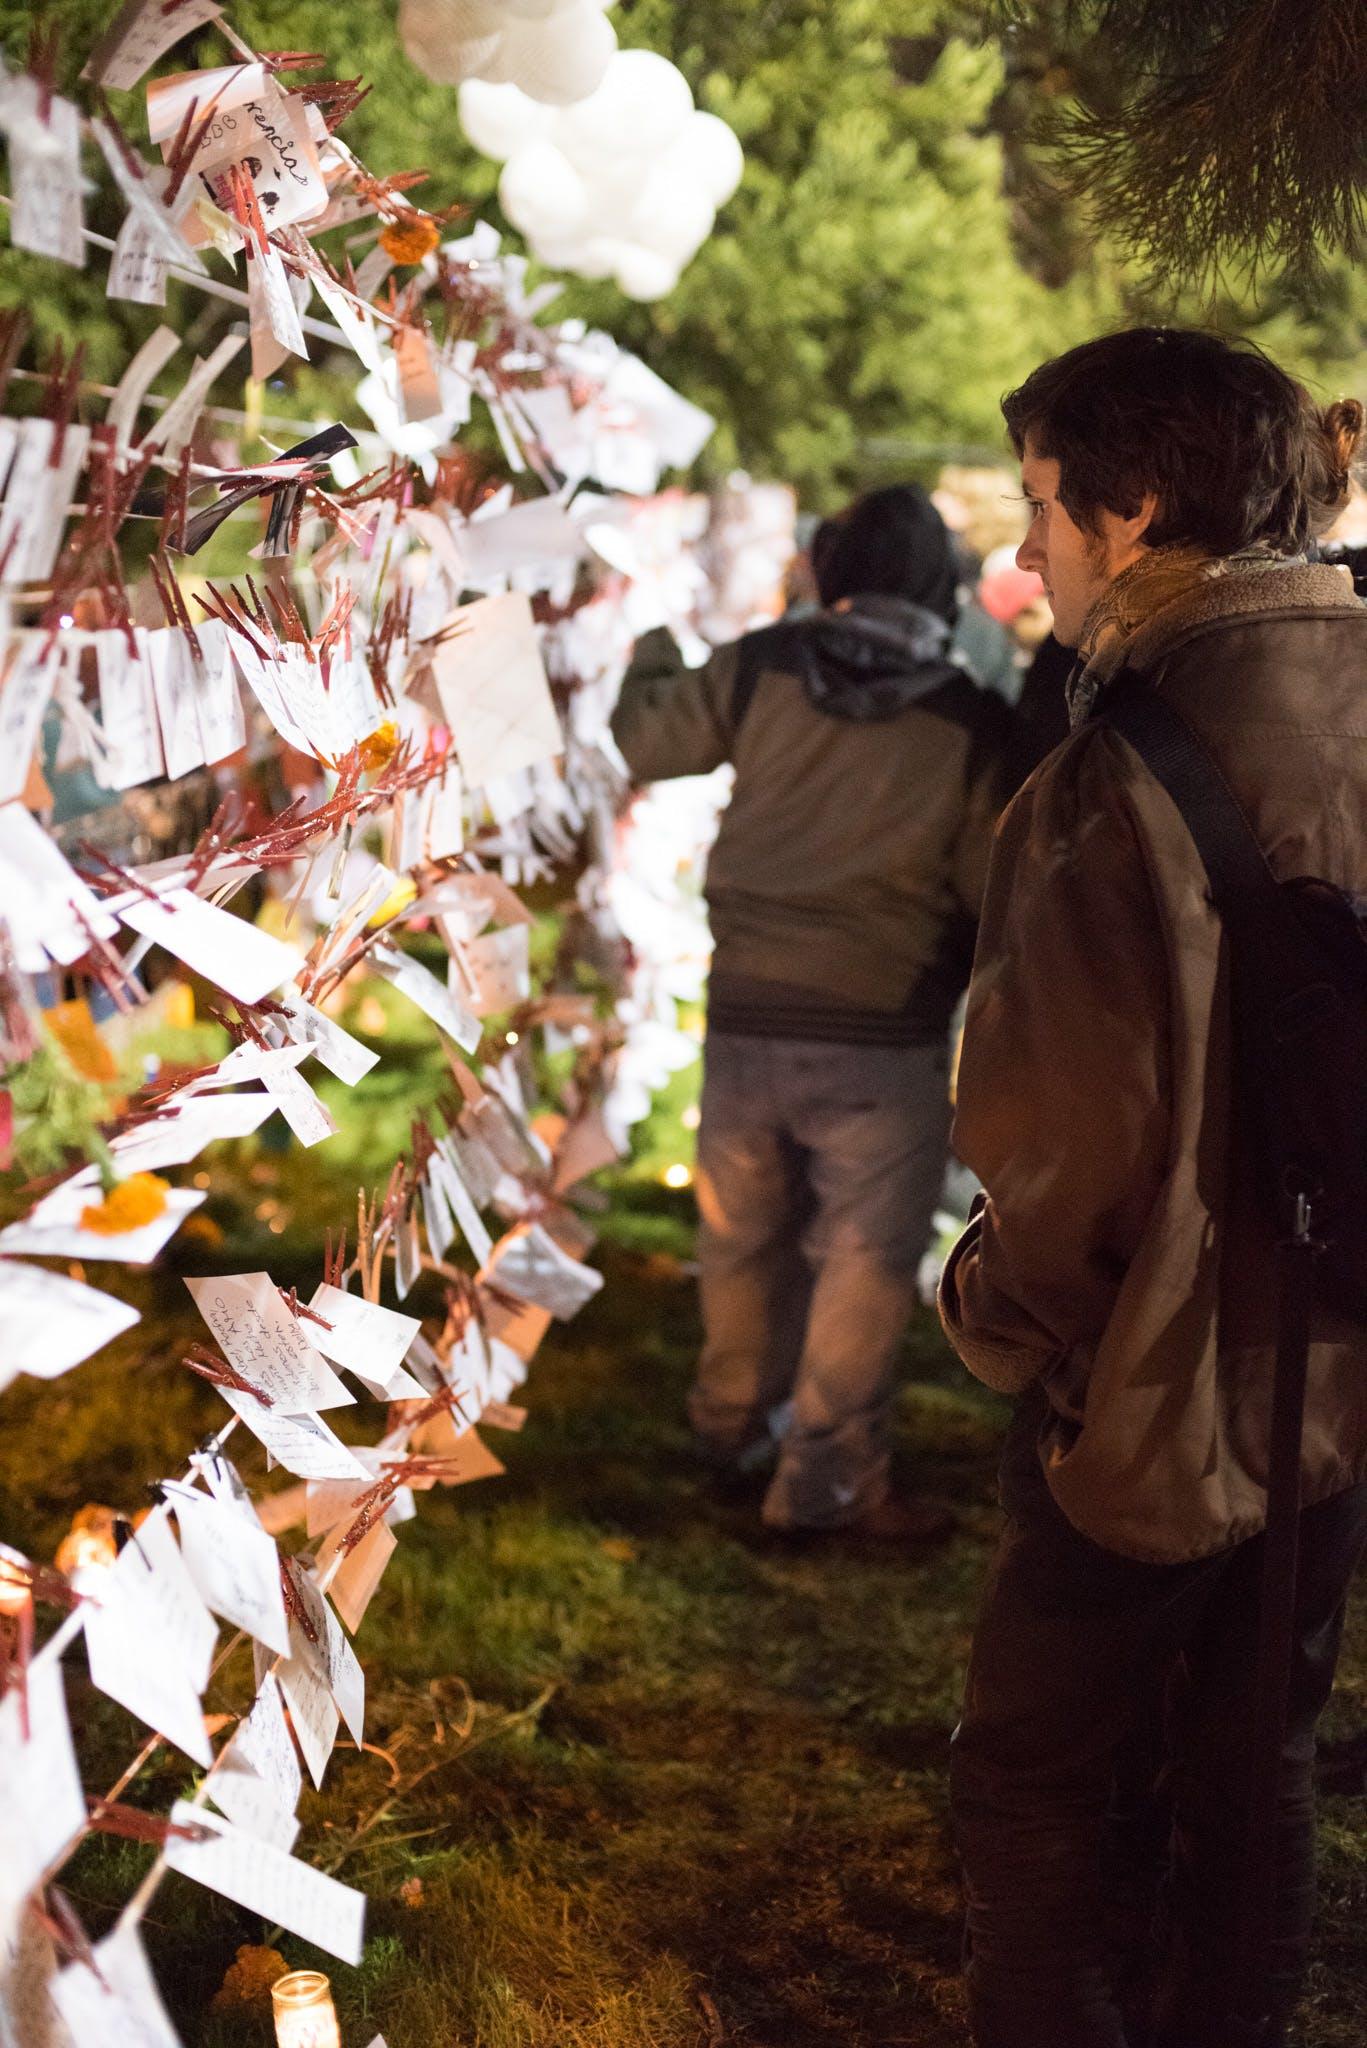 Free stock photo of dia de los muertos, san francisco